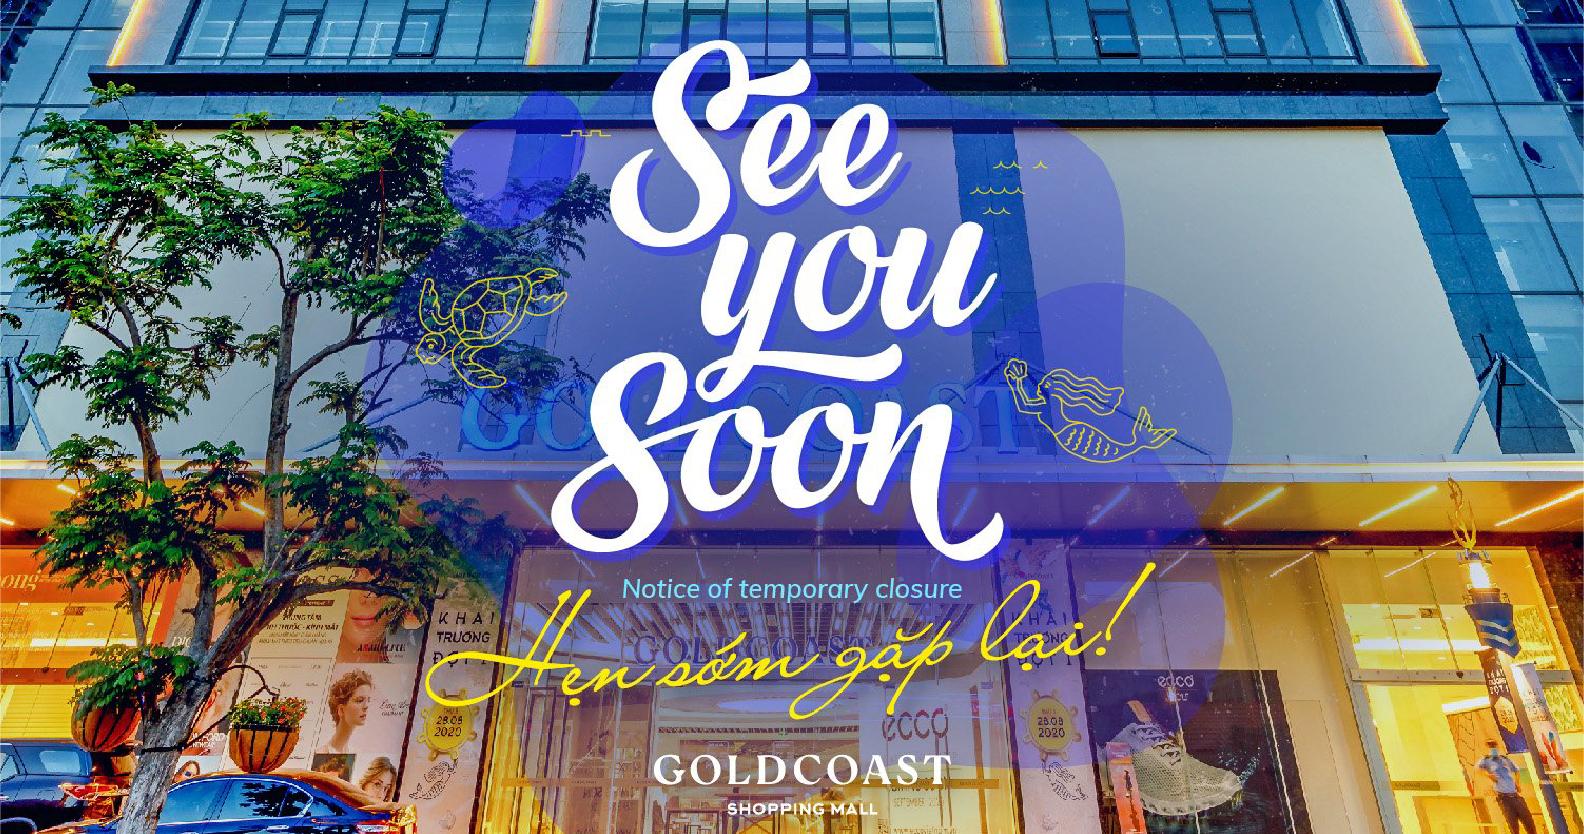 Gold Coast Mall Nha Trang